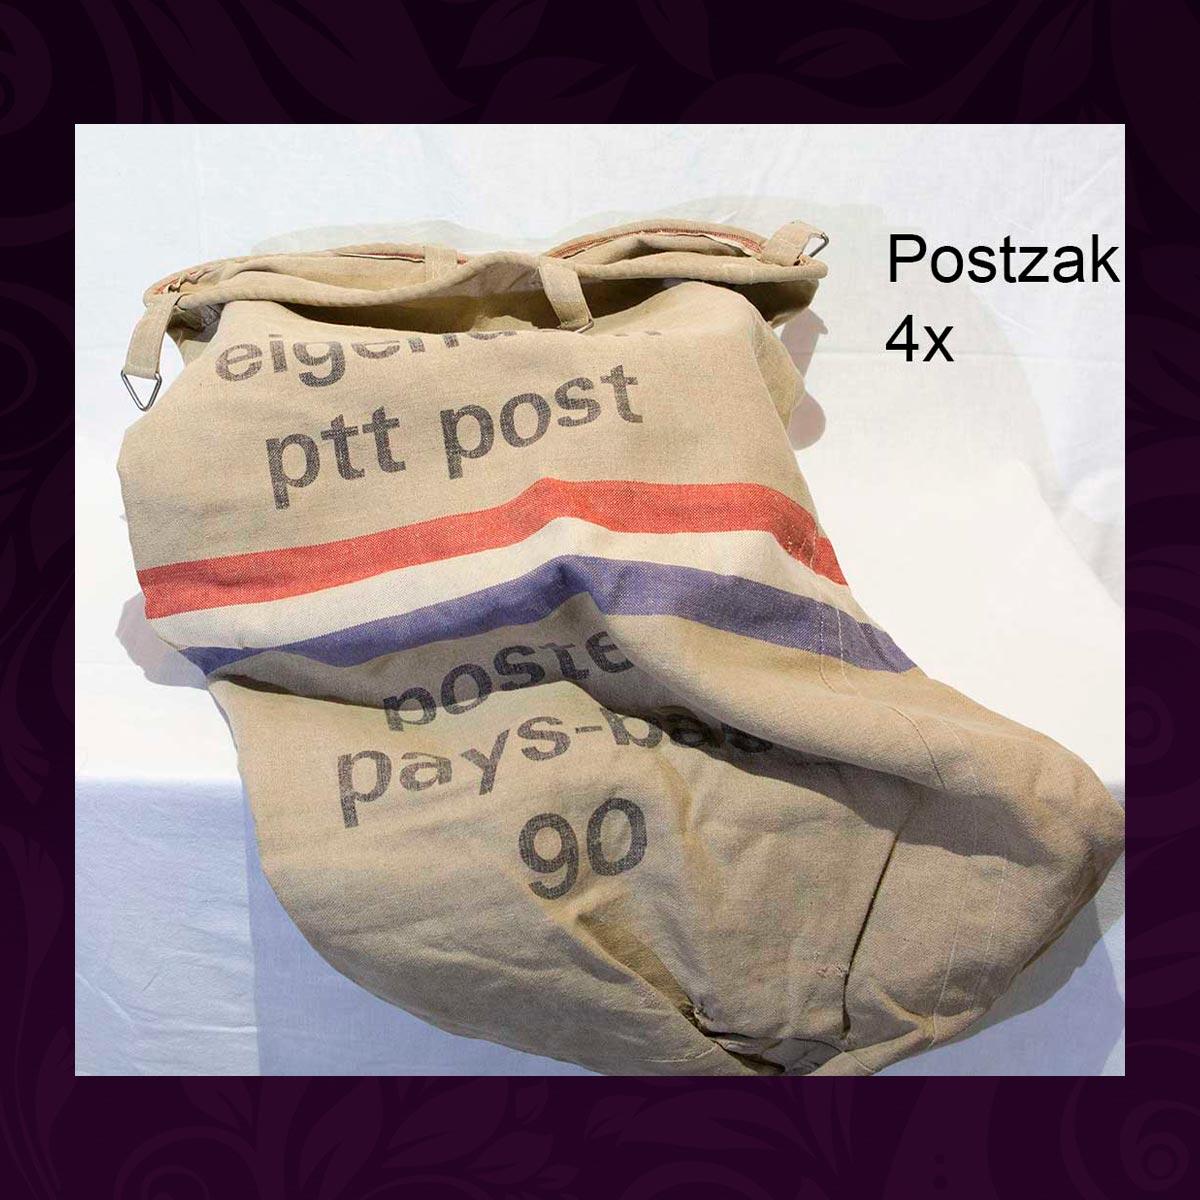 A014-Postzak-4x-(MvT)